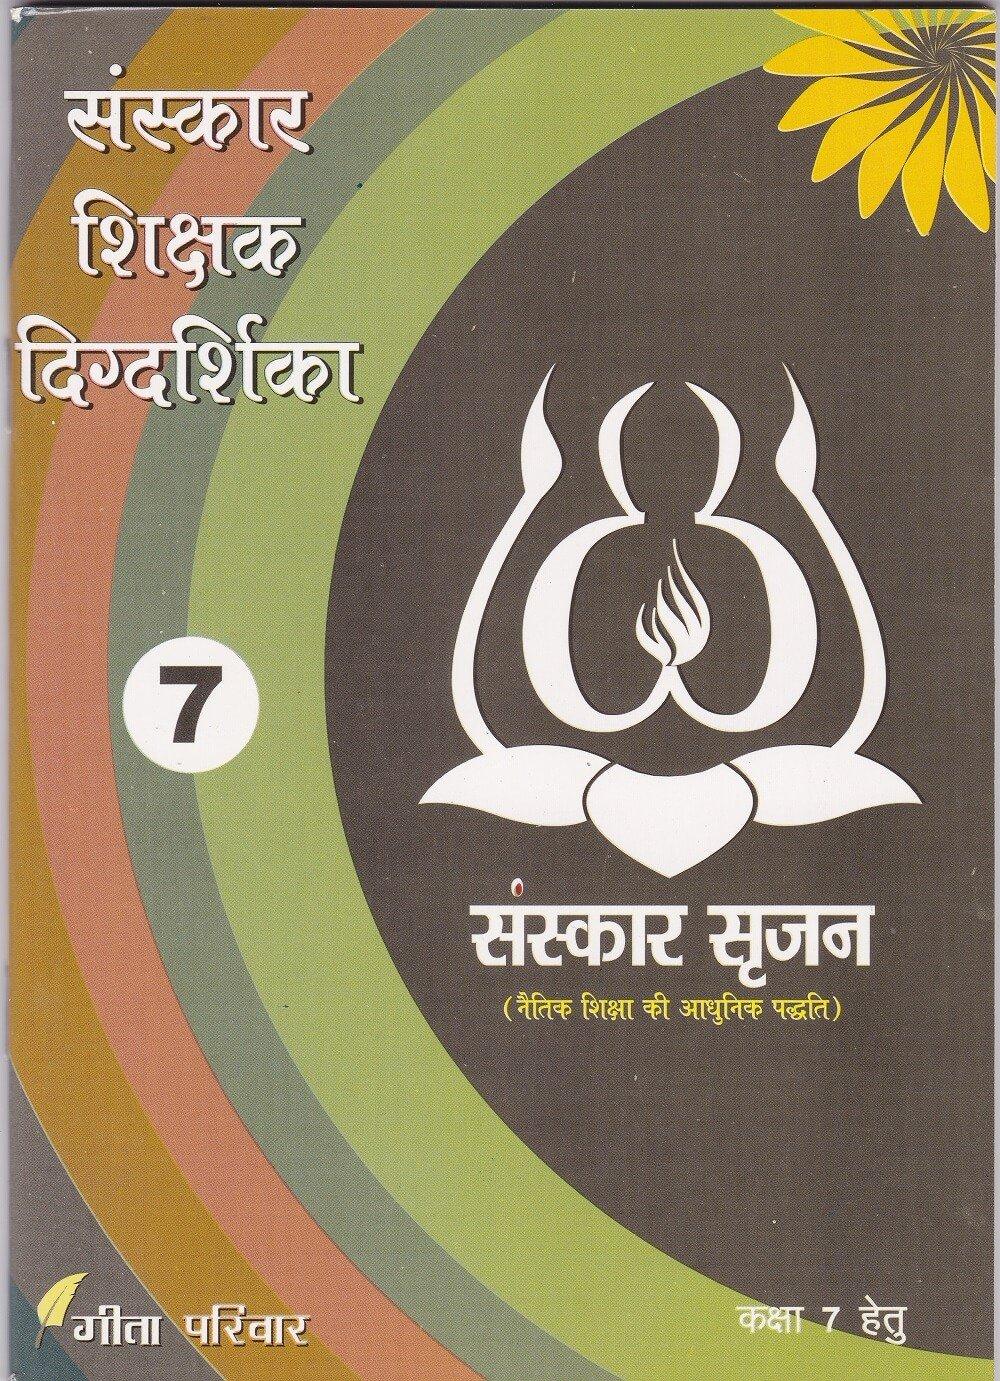 sanskar shikshak dindarshika-7